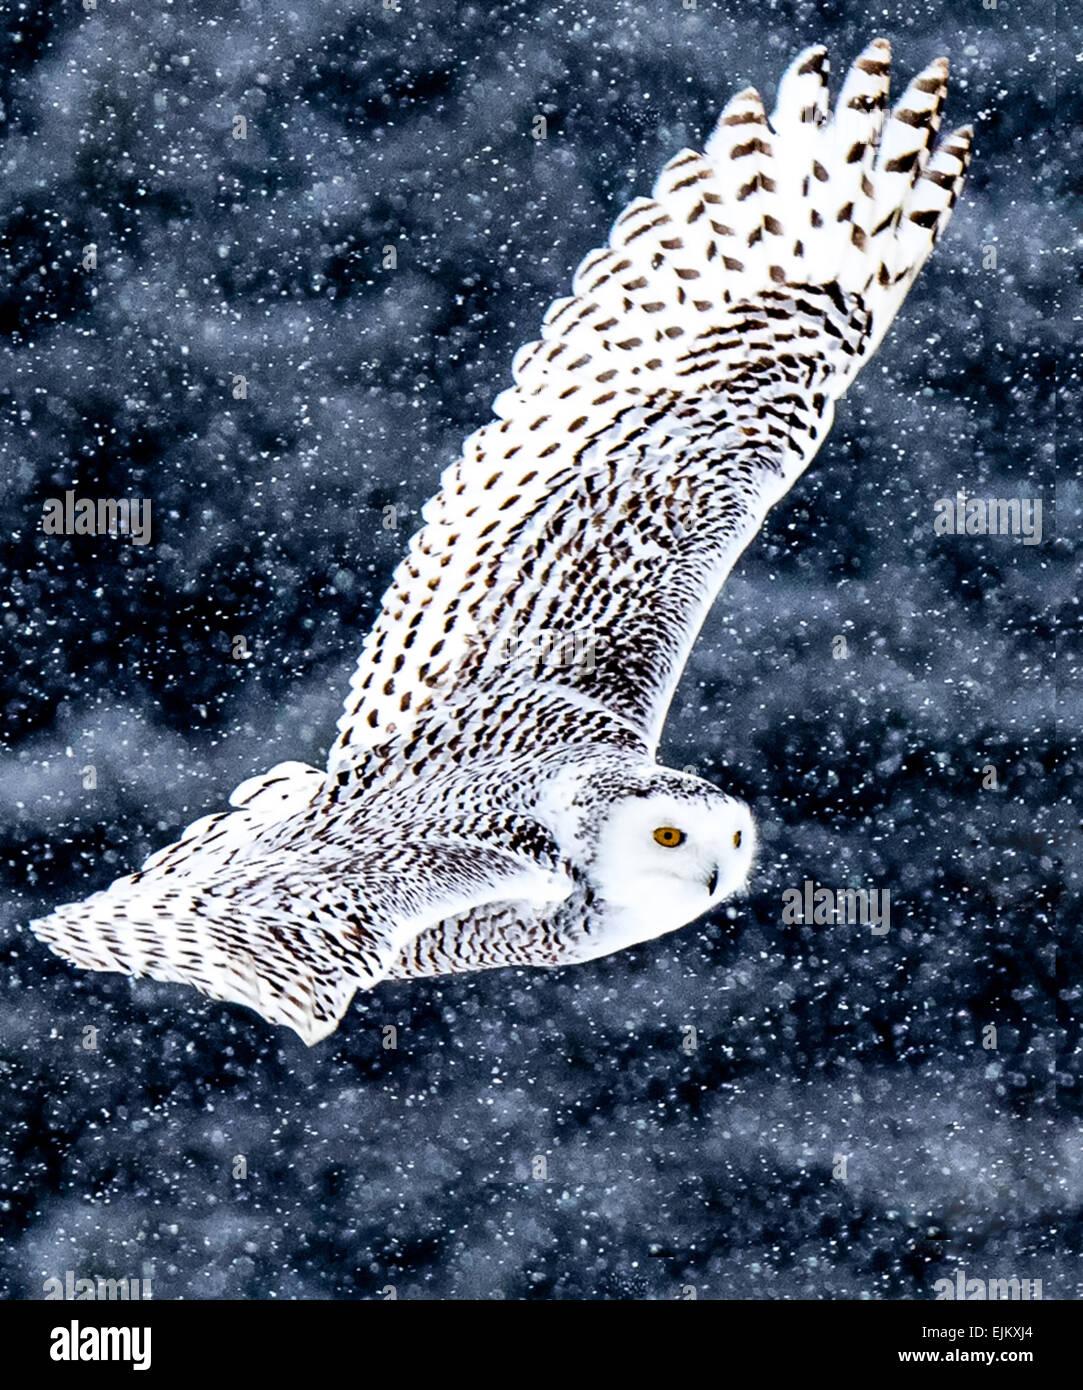 Schnee-eulen sehen roaming Felder auf der Suche nach Nahrung während der Wintermonate. Stockbild